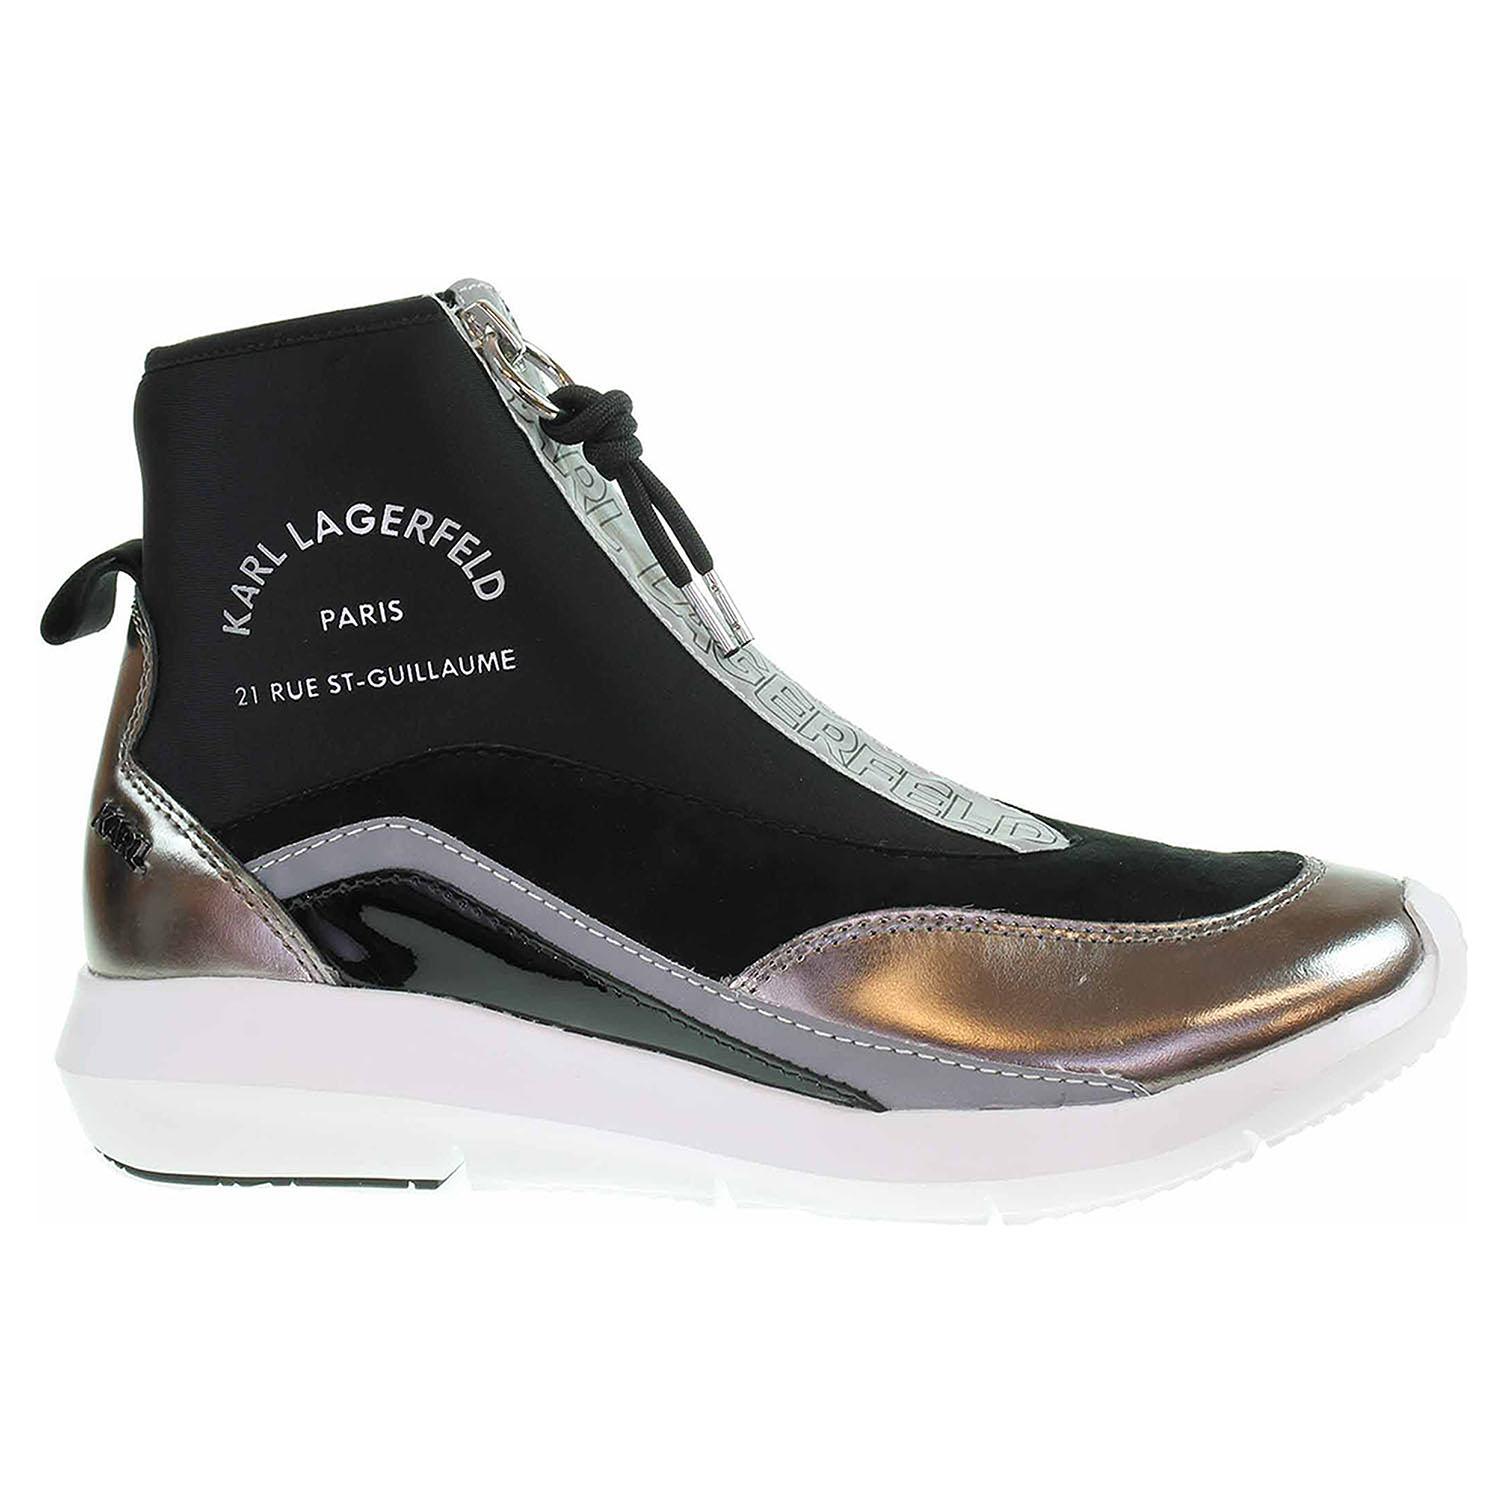 Dámská kotníková obuv Karl Lagerfeld KL61145 40S black lthr KL61145 40S 39